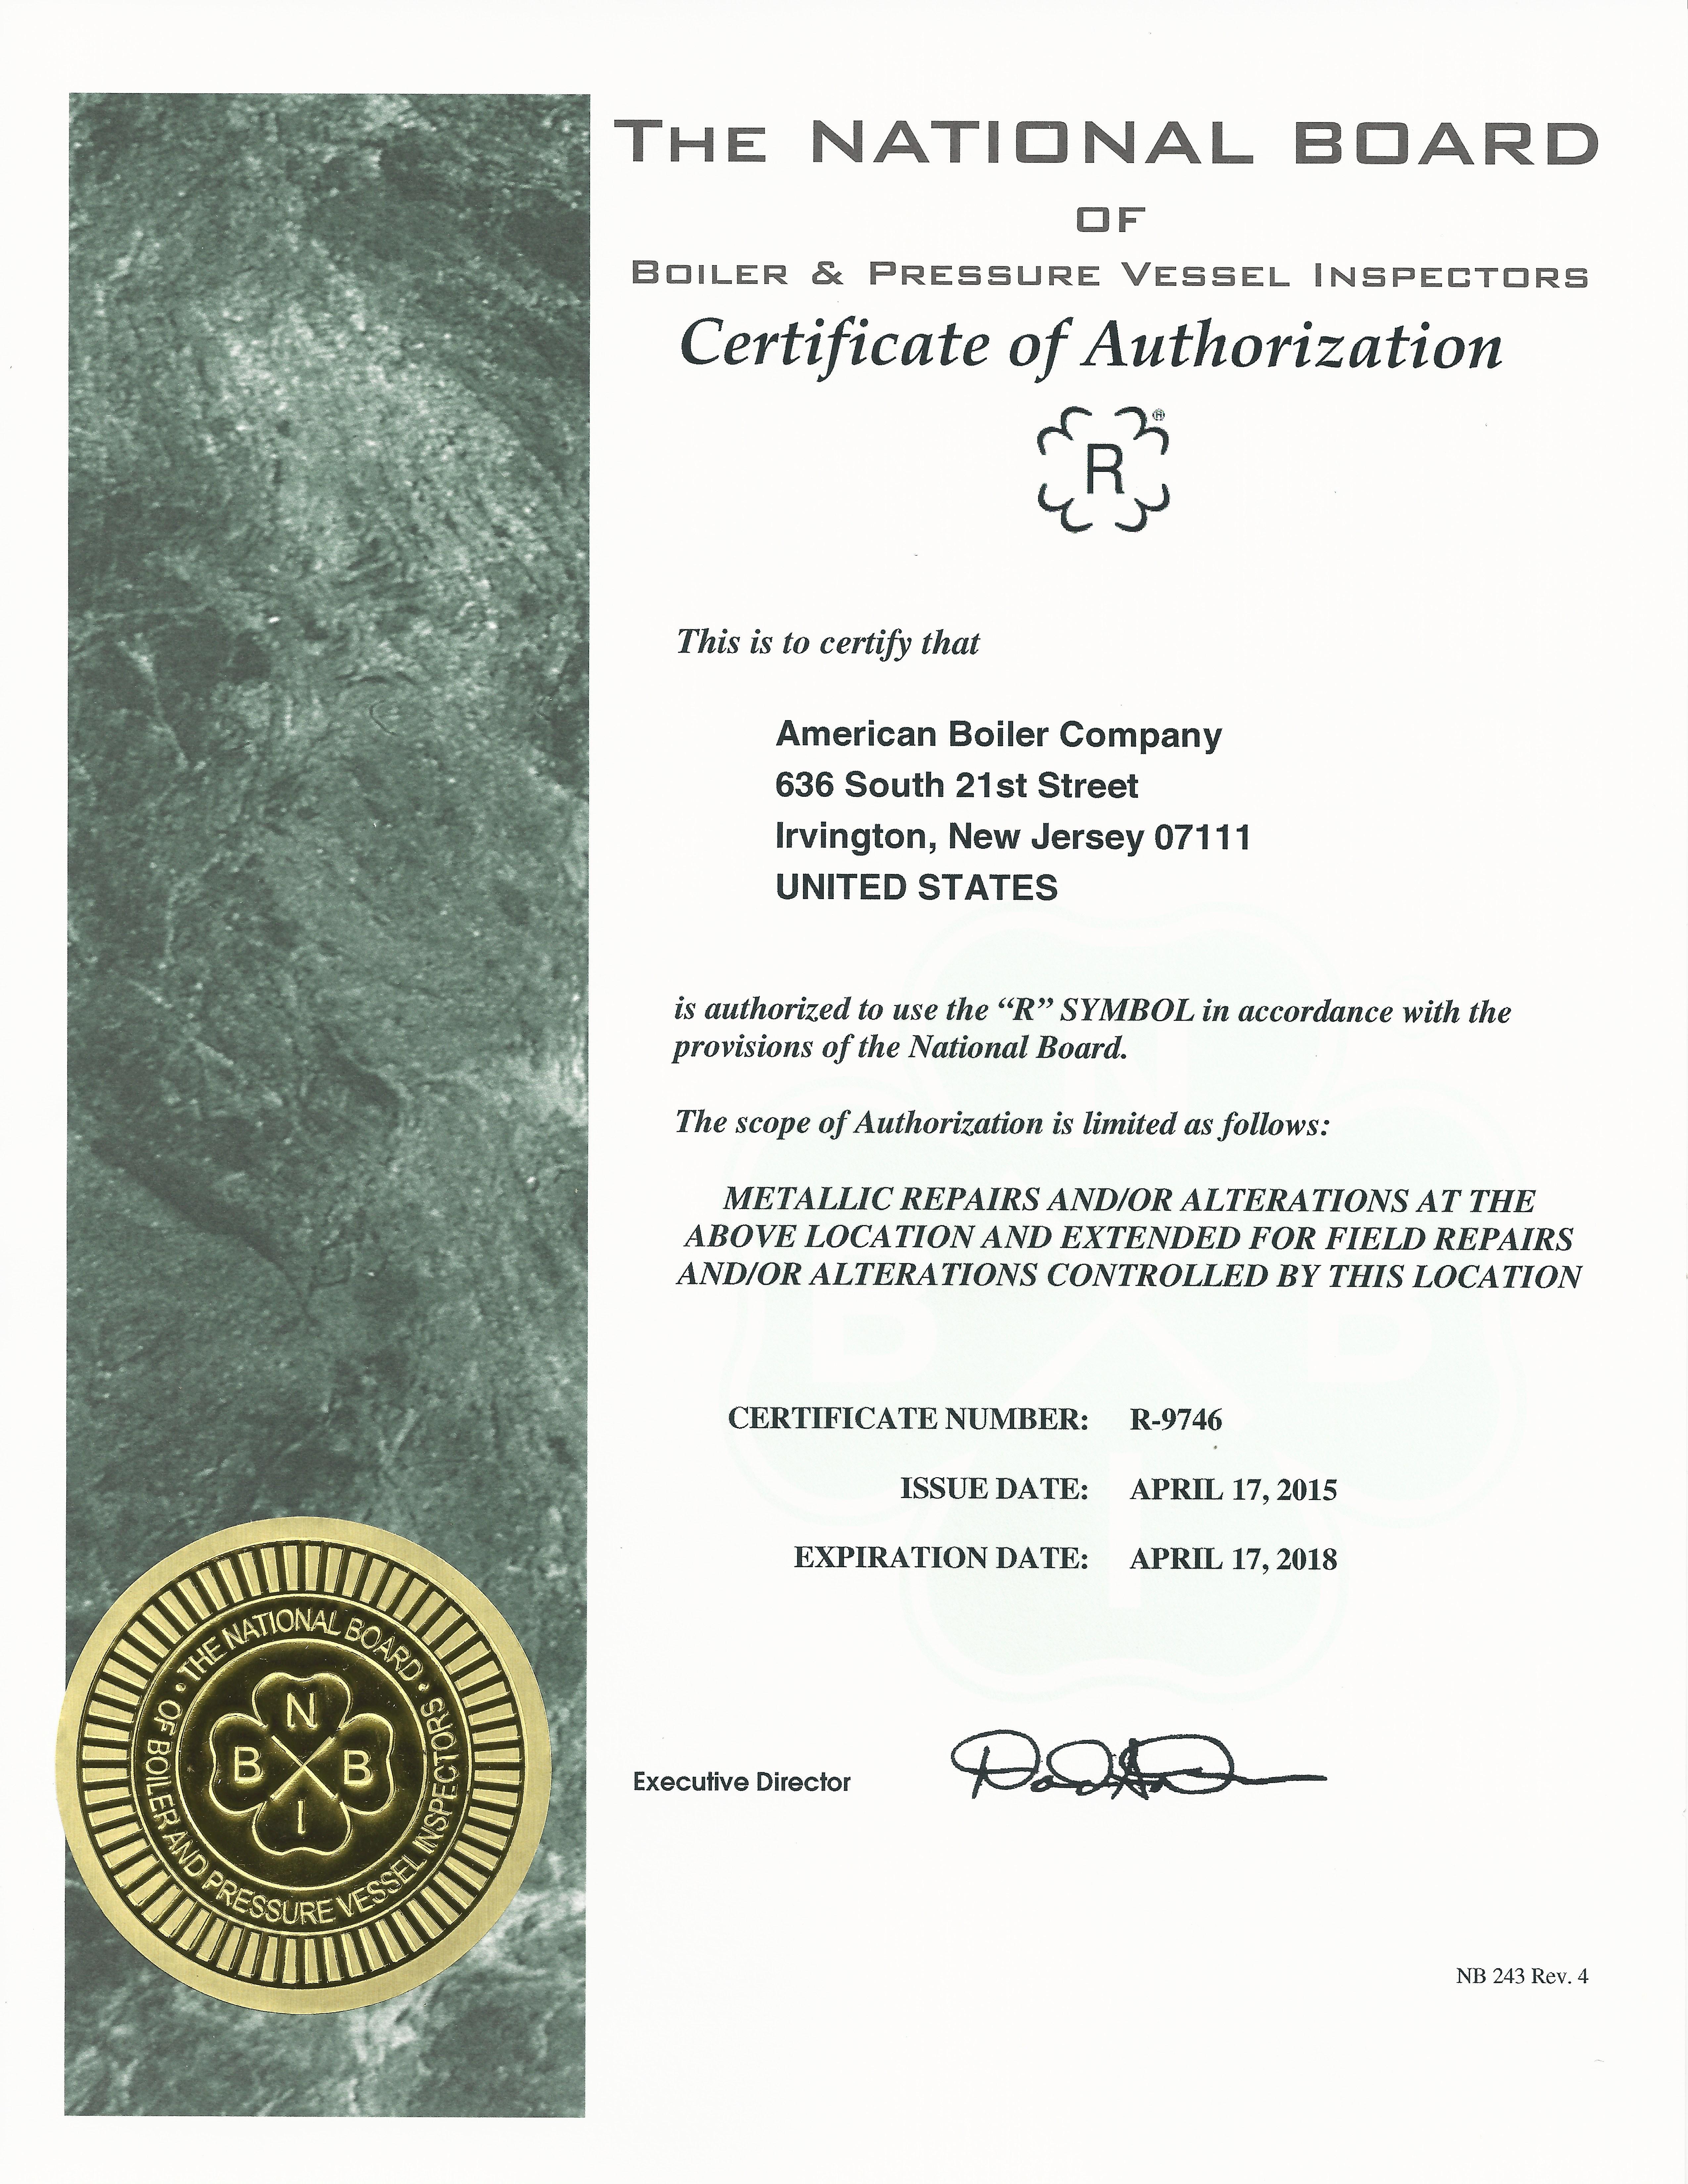 American Boiler Company - Licenses, Insurance, Bonding ...